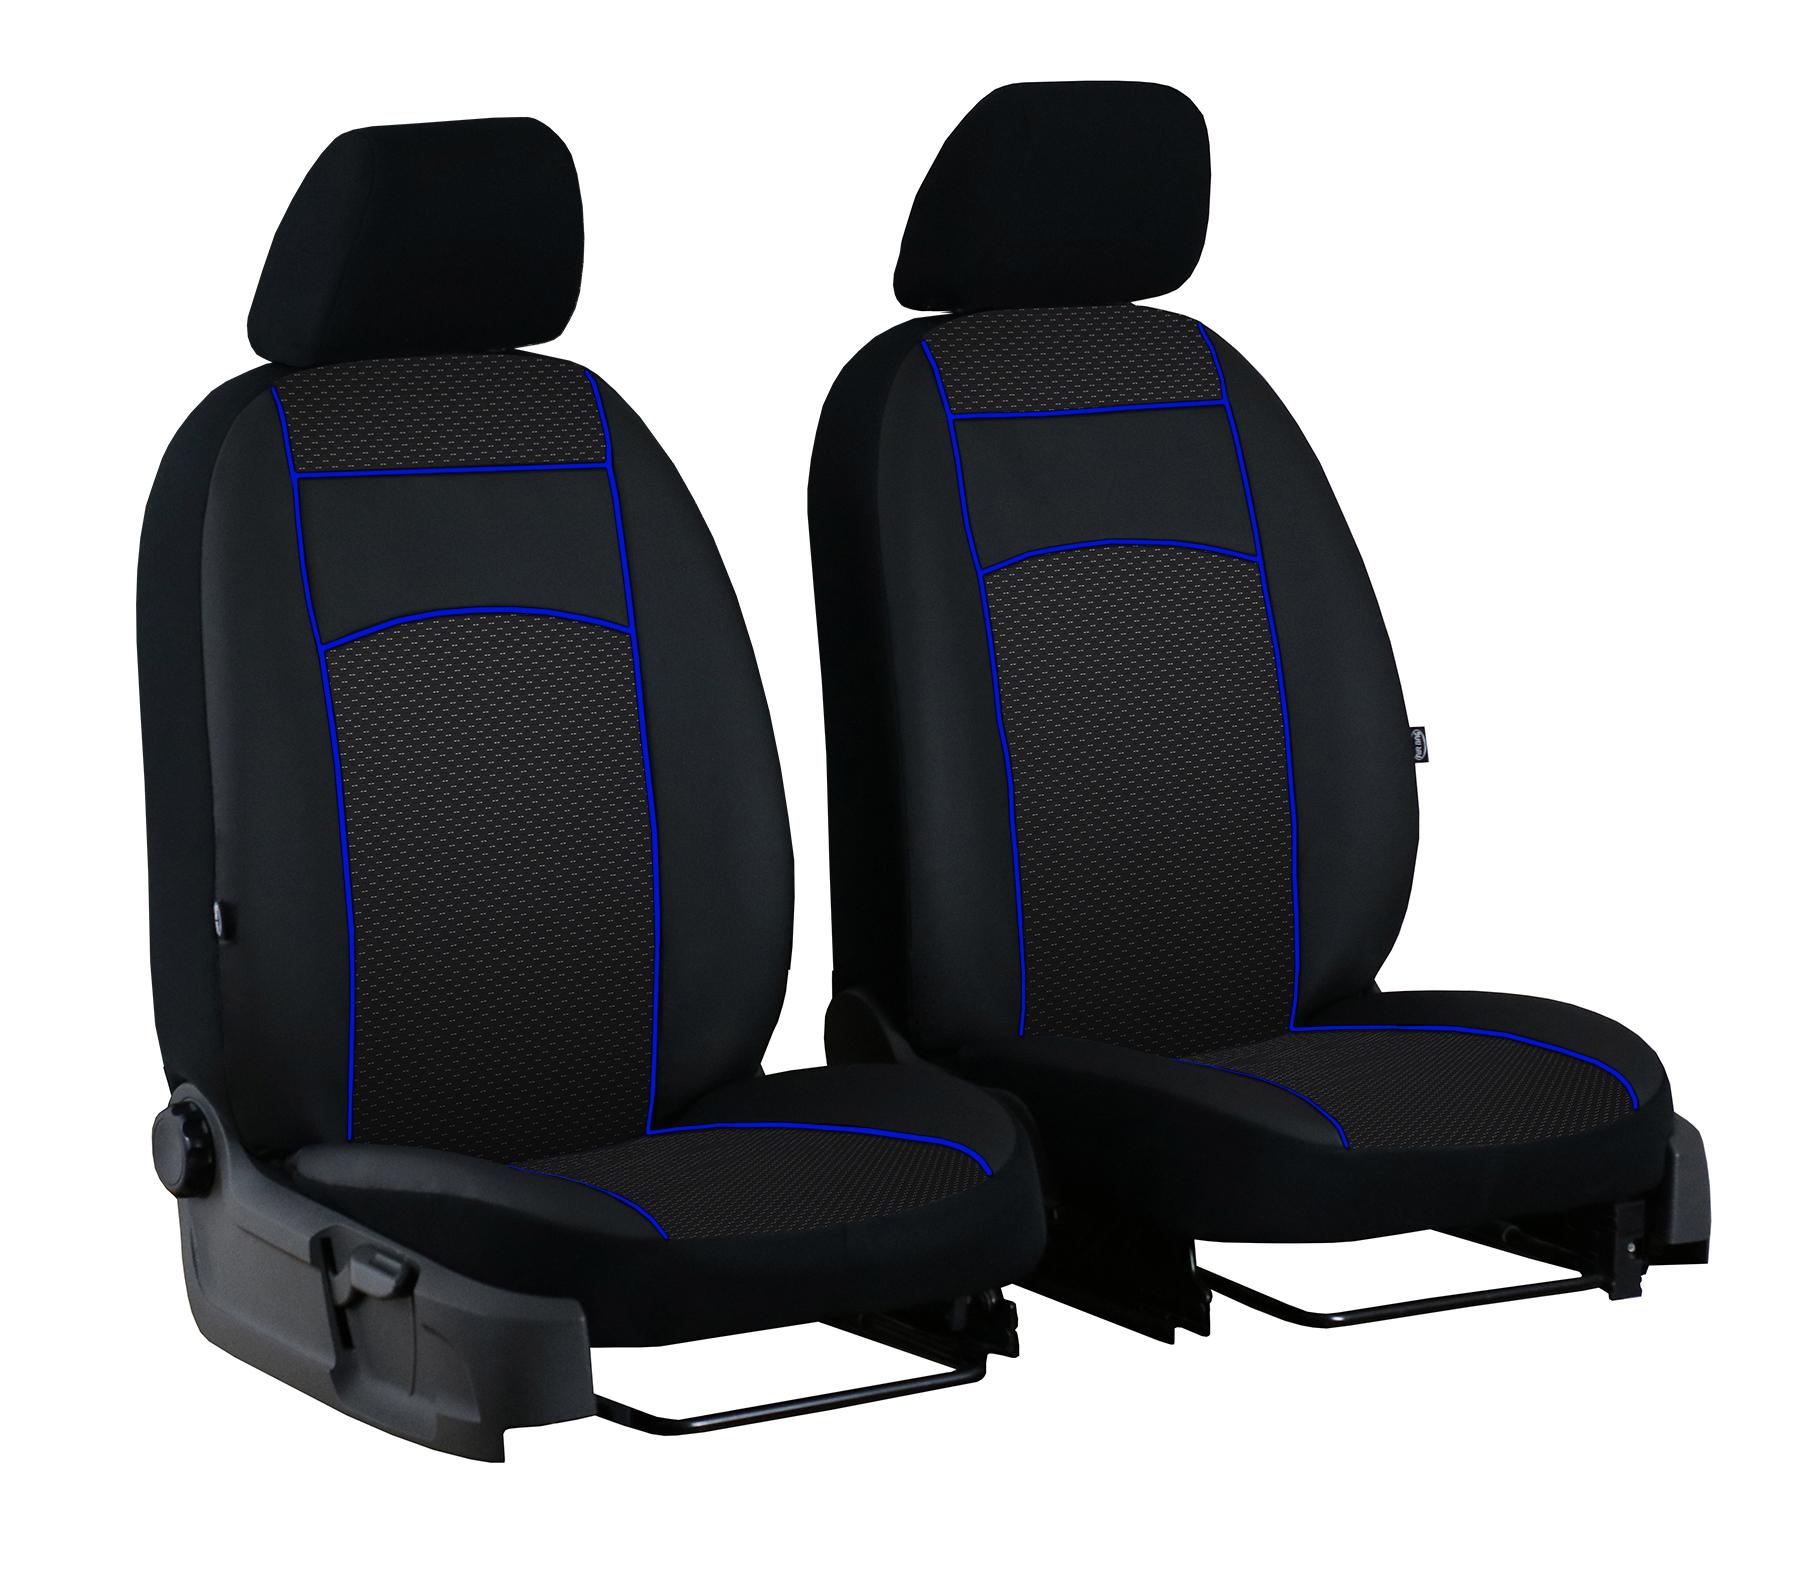 Für Trafic ab 2014 paßgenaue Sitzbezüge 1+2 im Design VIP-1 SCHWARZ